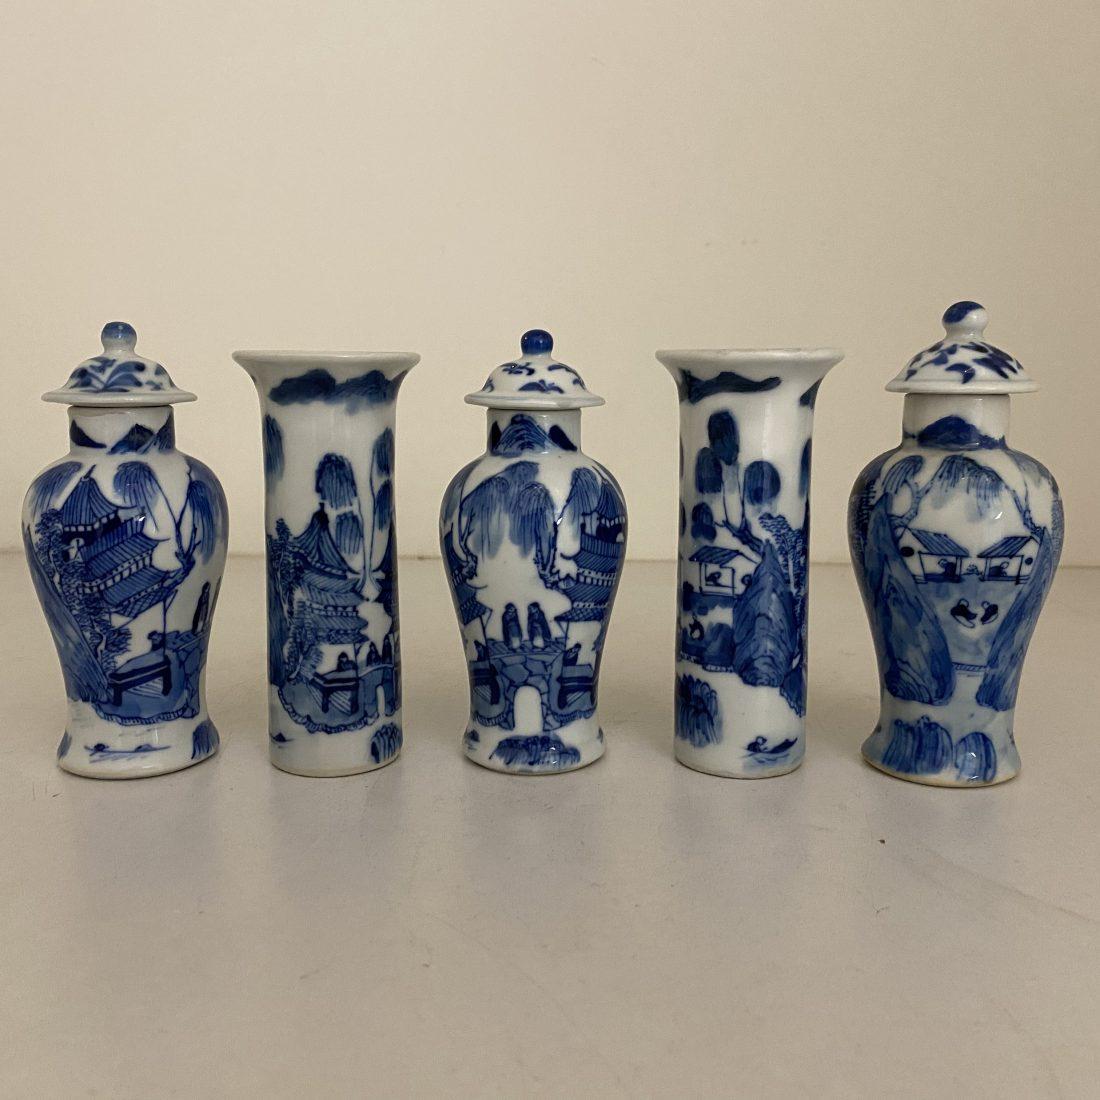 Een vijfdelig blauw/wit miniatuur porseleinen kaststelletje, China, Kangxi periode